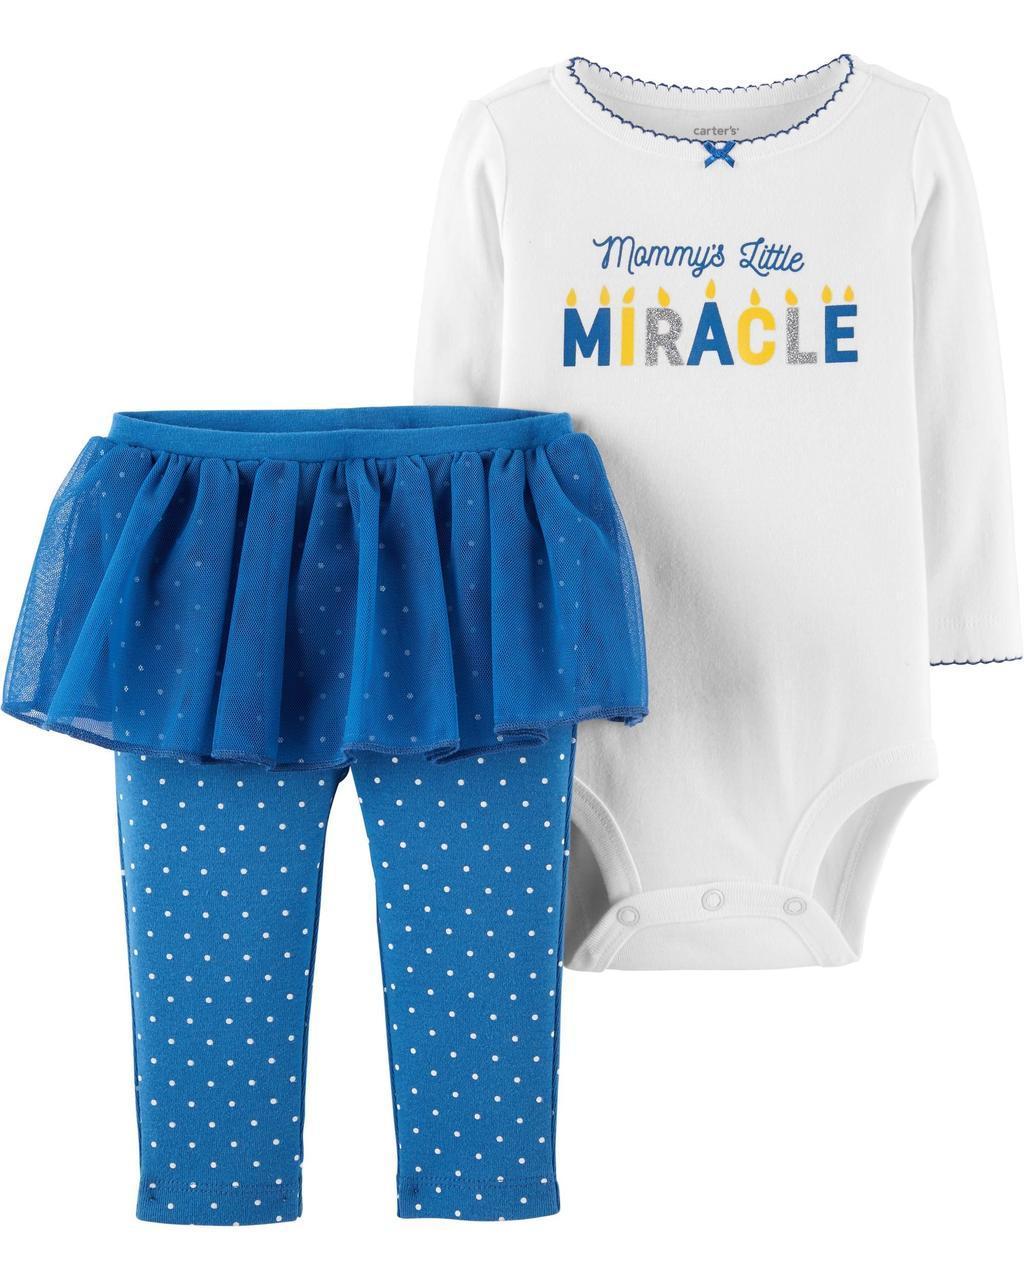 Боди + Штаны с юбкой Carters для девочки 18 мес 76-81 см. Комплект двойка